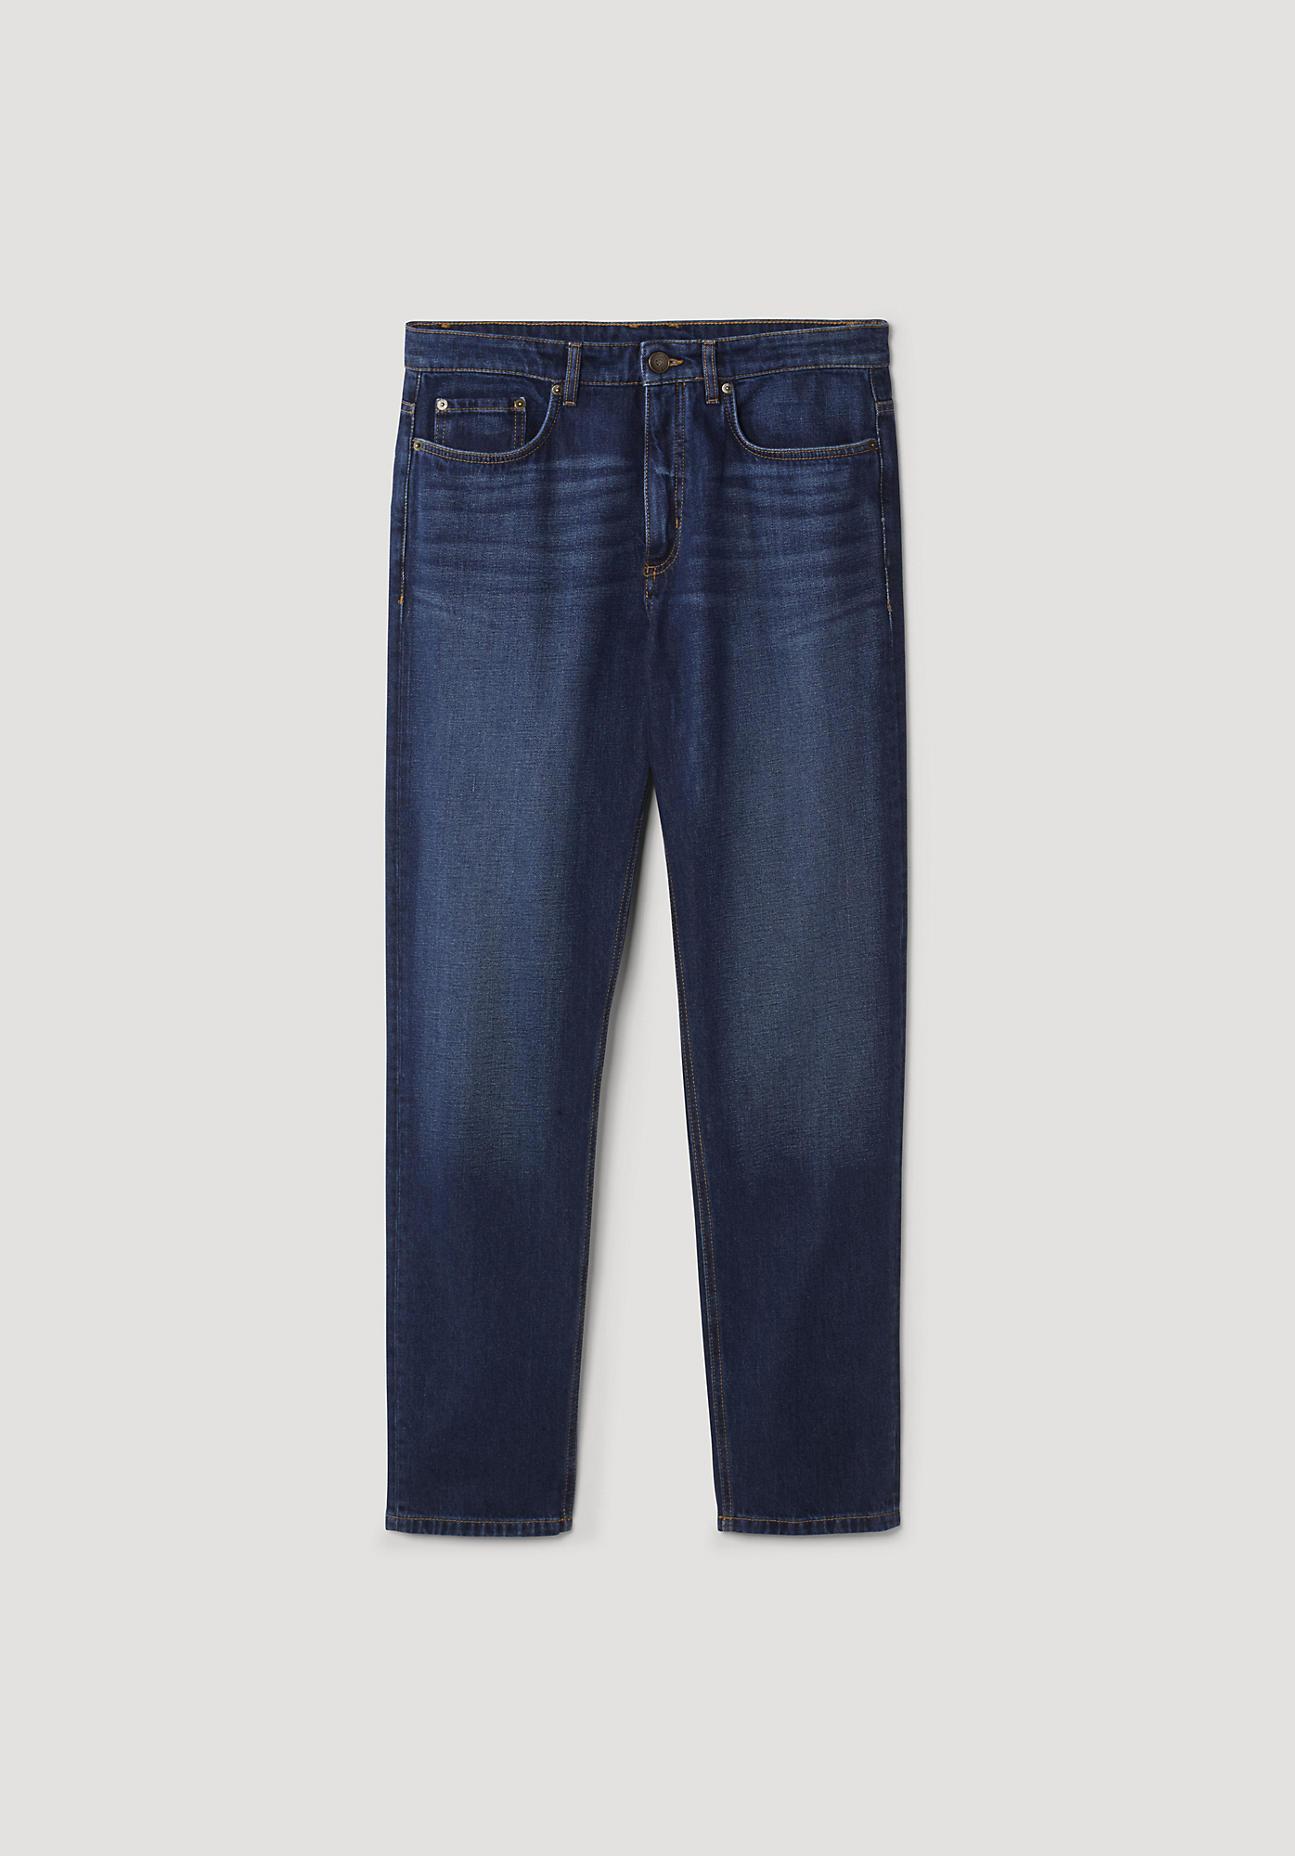 hessnatur Herren Jeans Max Tapered Fit aus Bio-Denim – blau – Größe 31/30